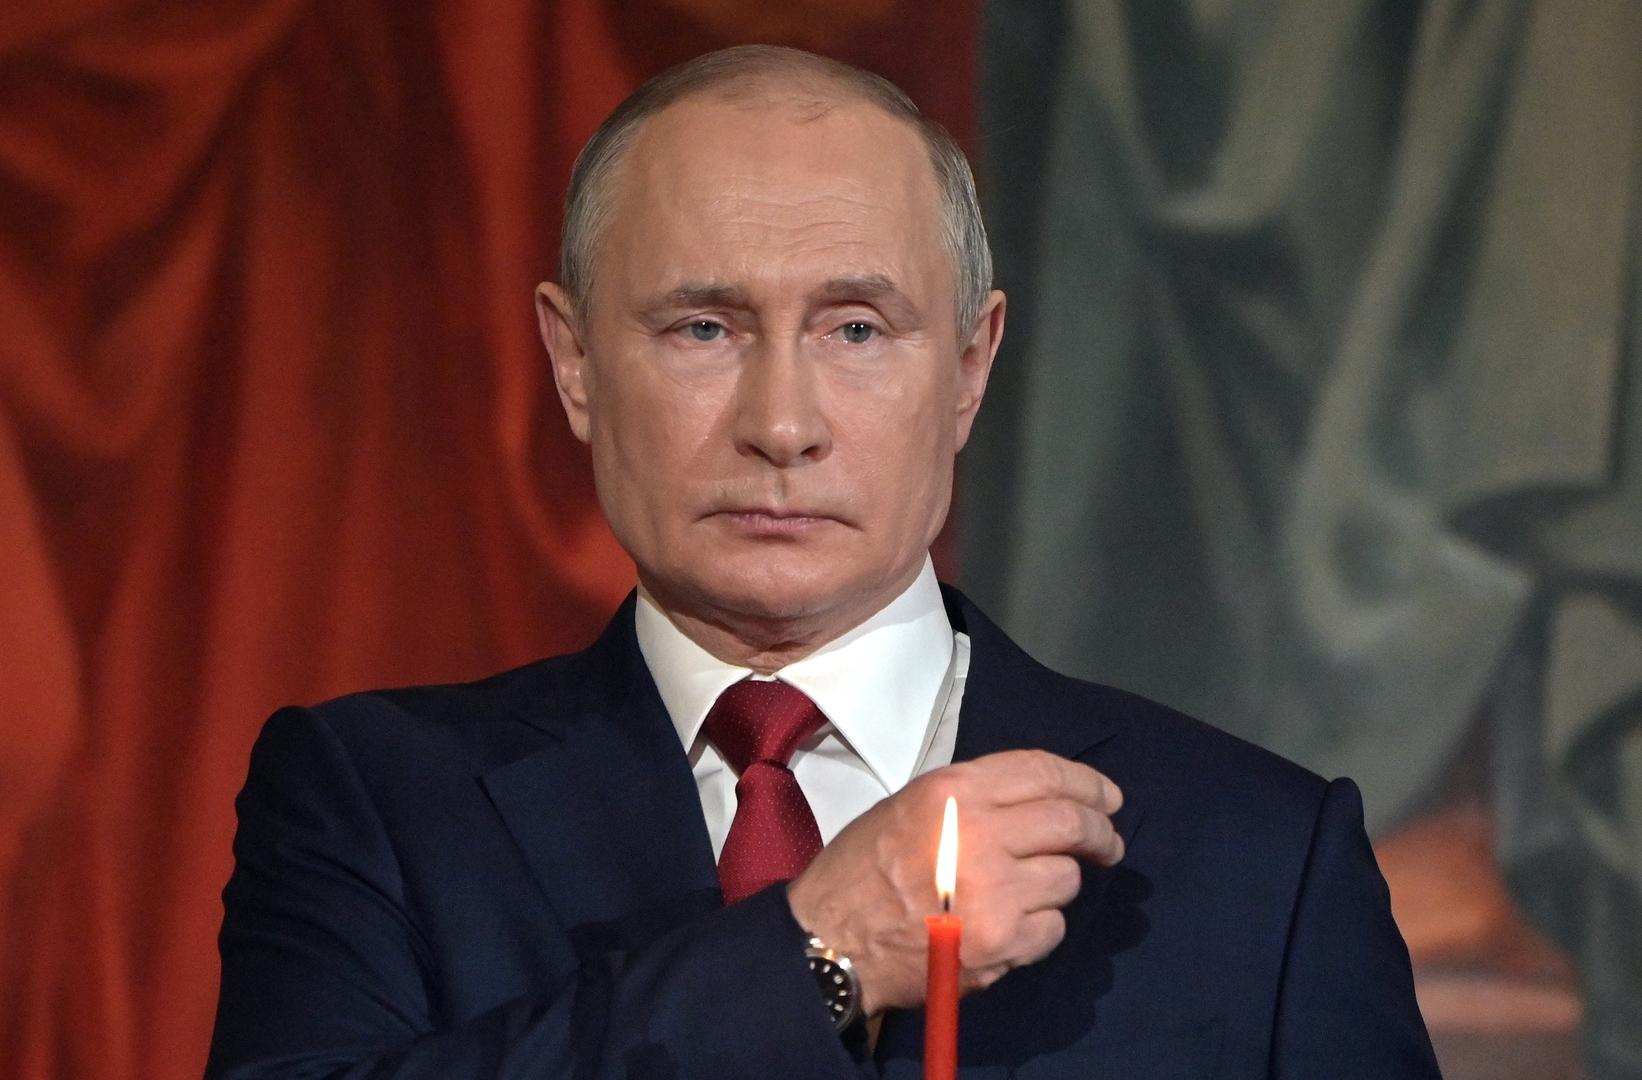 مسيحيو روسيا يحيون عيد الفصح وبوتين يؤكد أهمية دور الكنيسة في دعم الوئام والسلم الاجتماعي